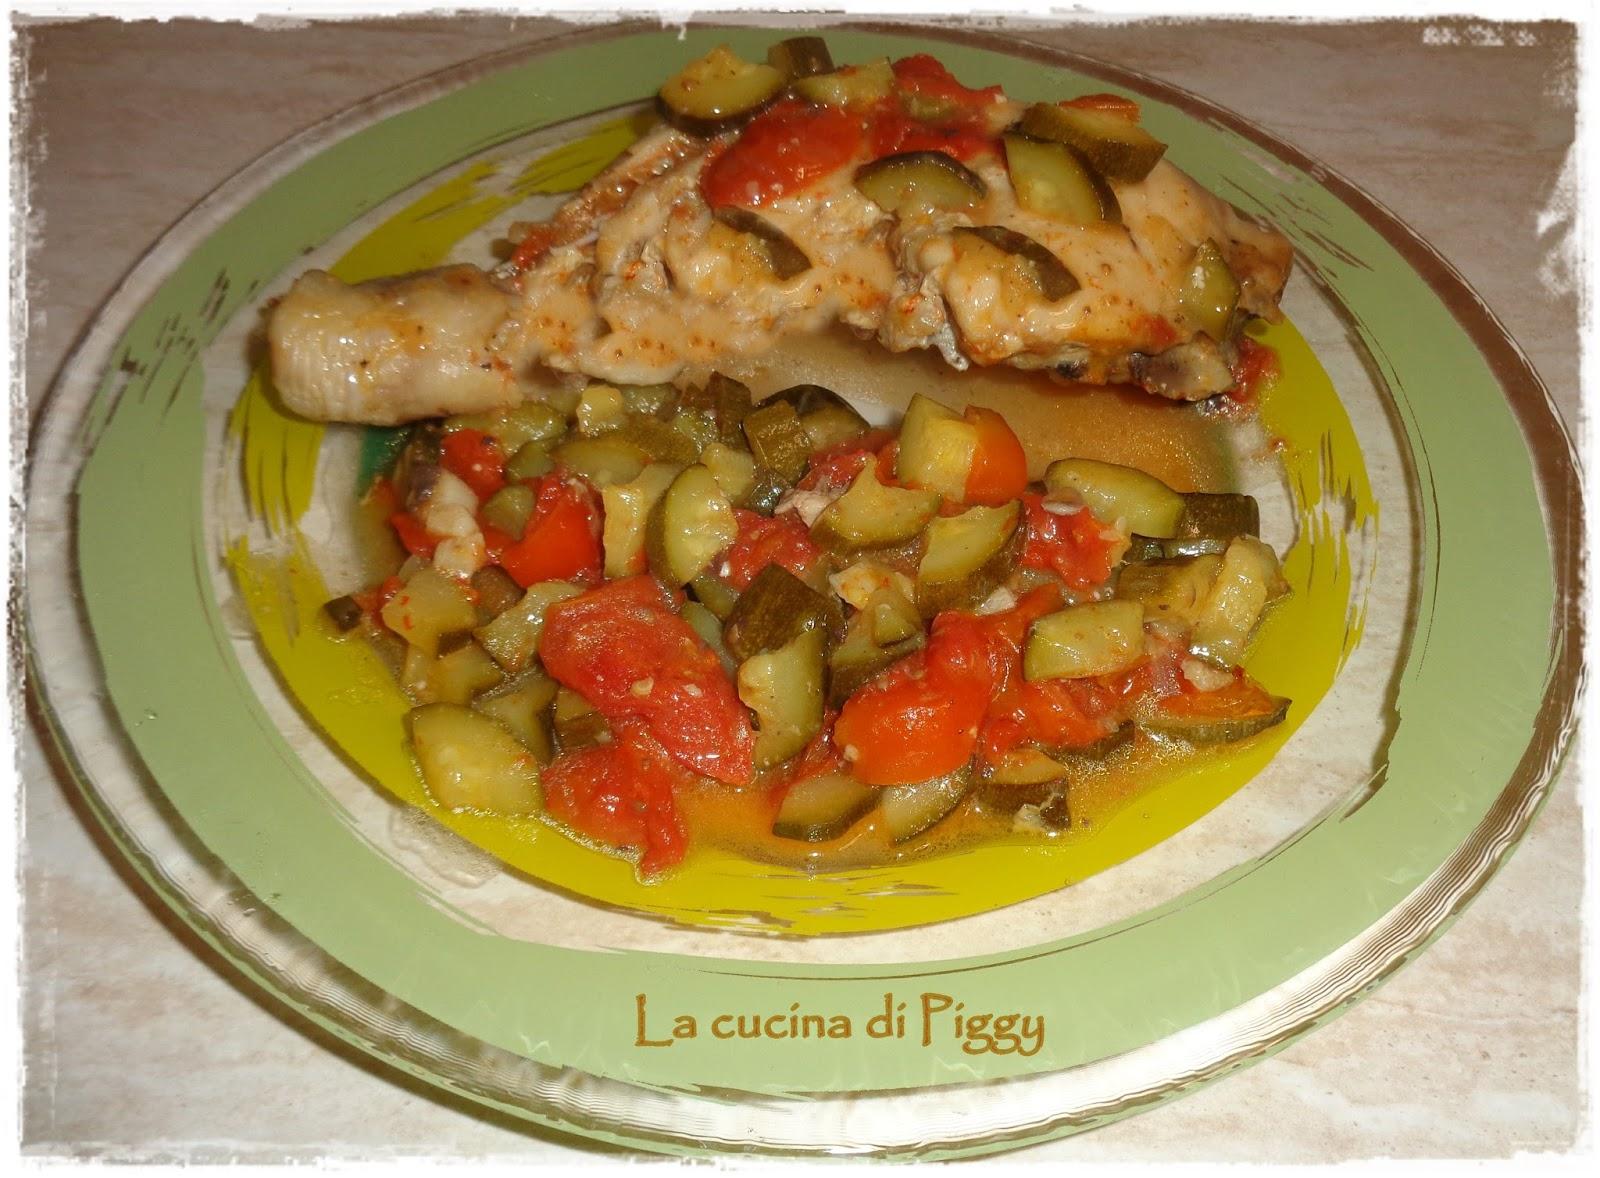 Cosce di pollo con zucchine e pachino | La Cucina di Piggy